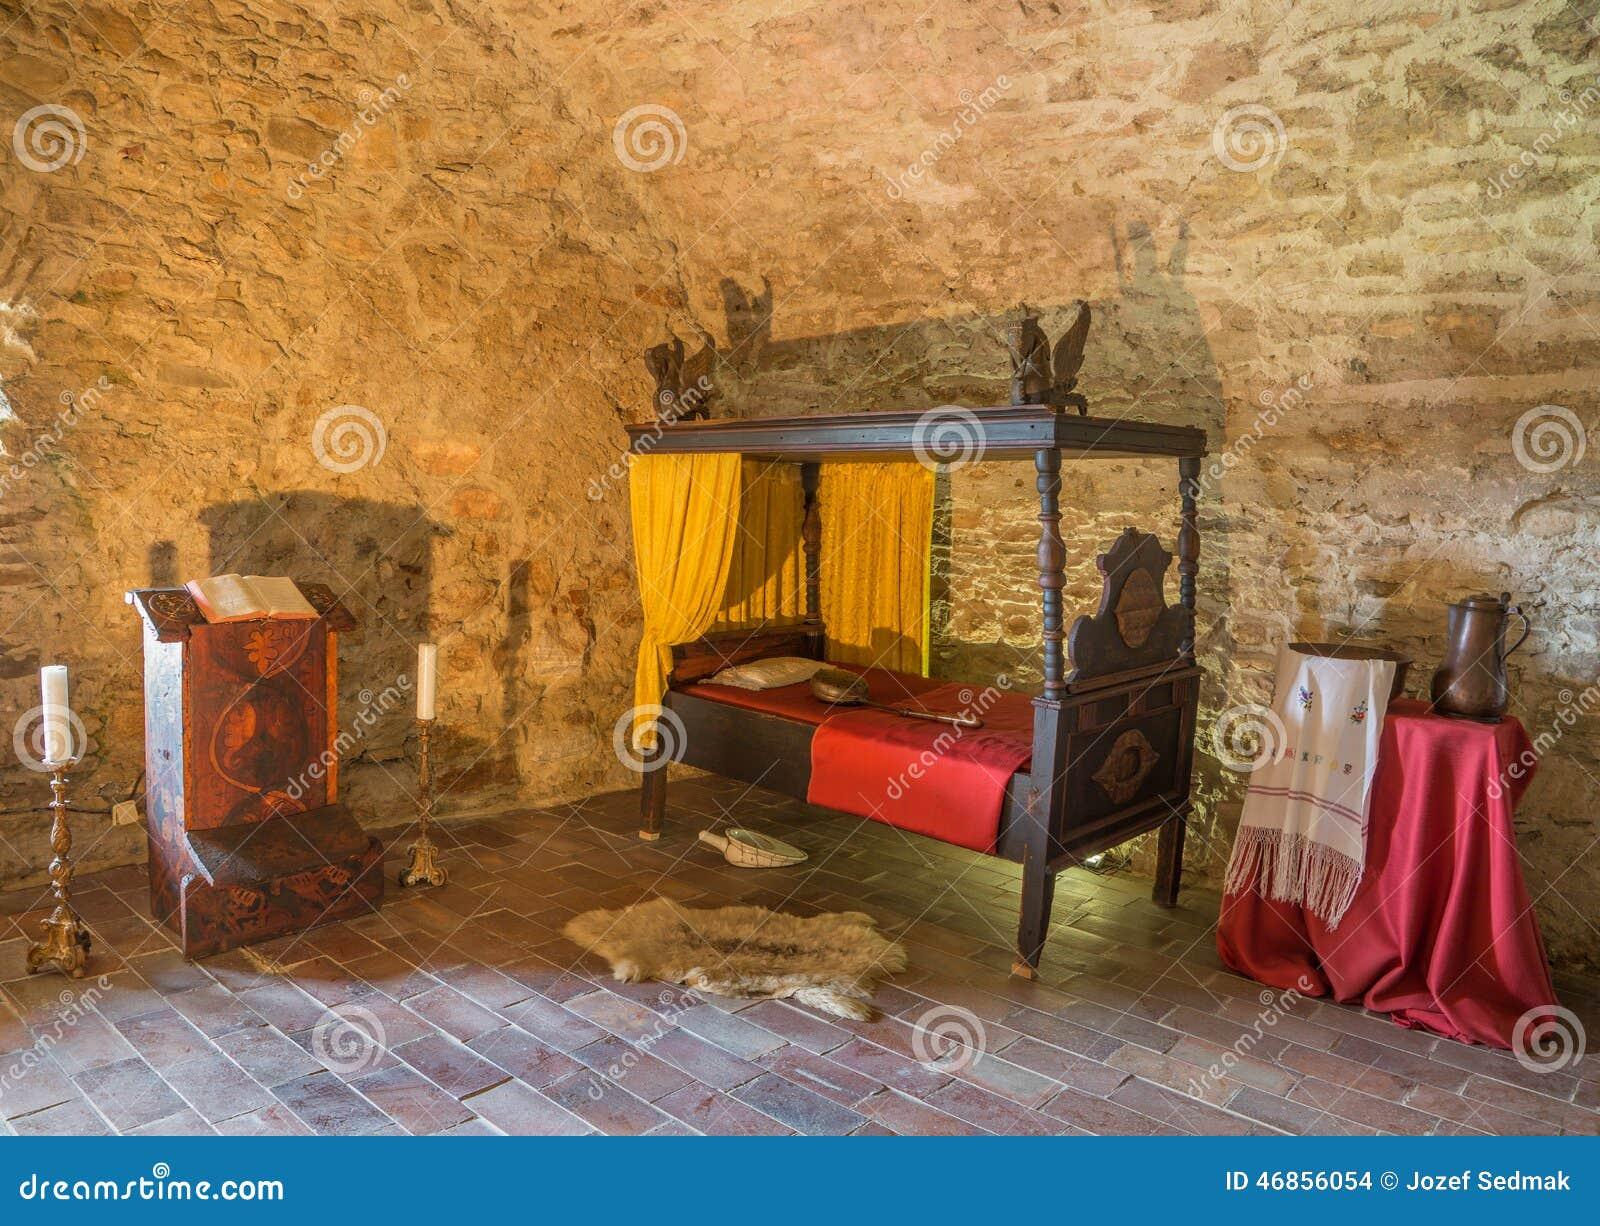 Camere Da Letto Medievali : La camera da letto medievale nel castello di spissky fotografia